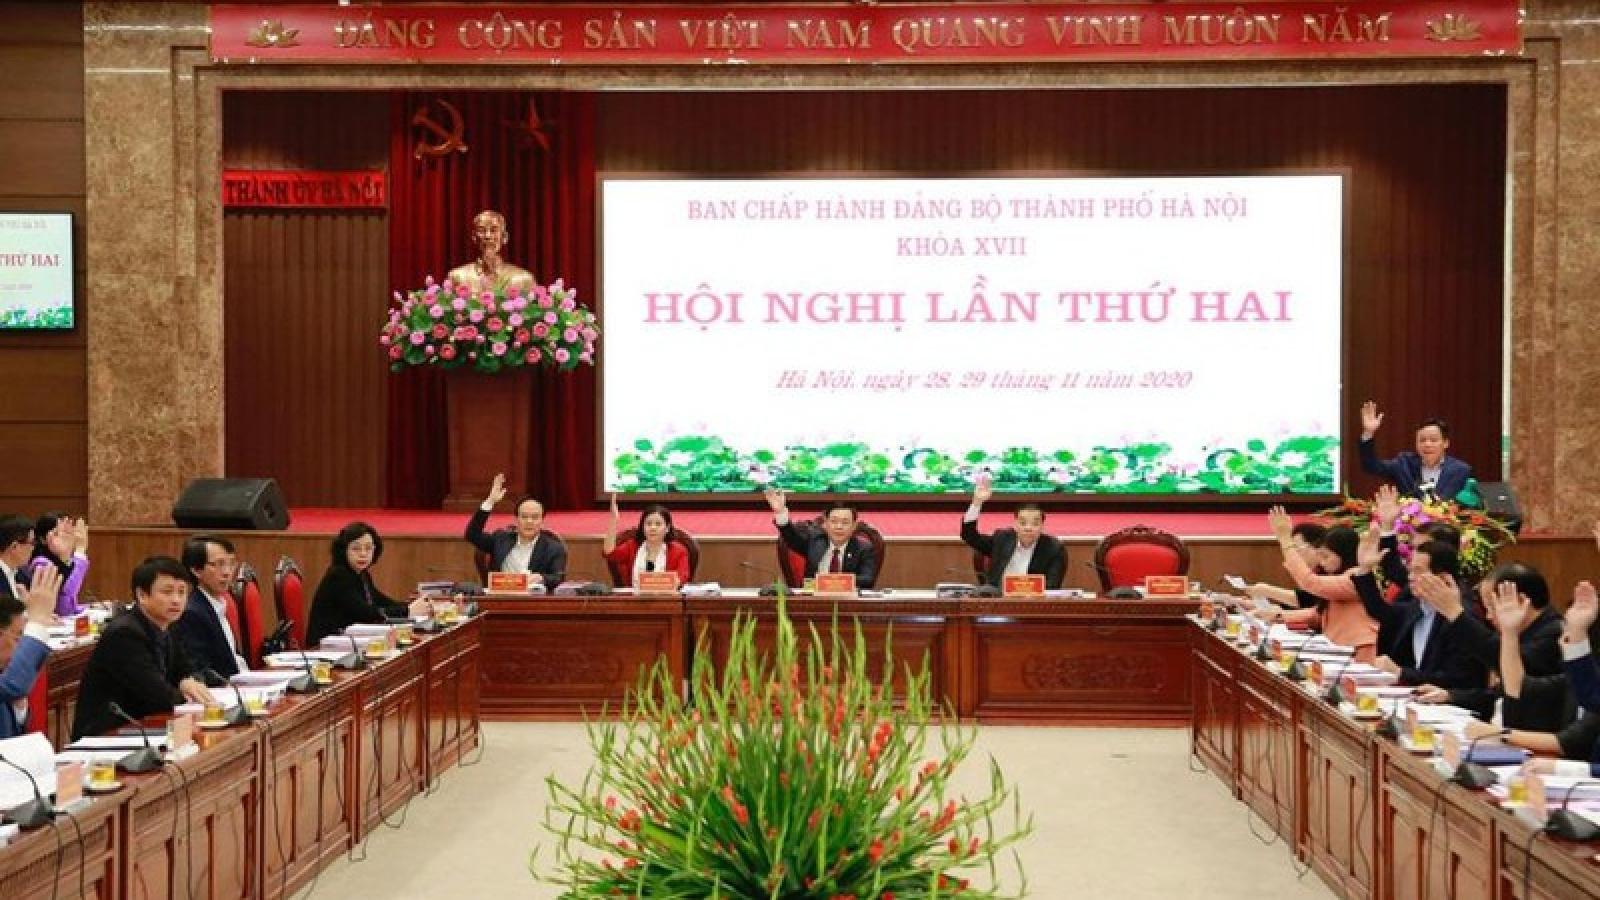 Khai mạc Hội nghị lần thứ 2 Ban Chấp hành Đảng bộ Hà Nội